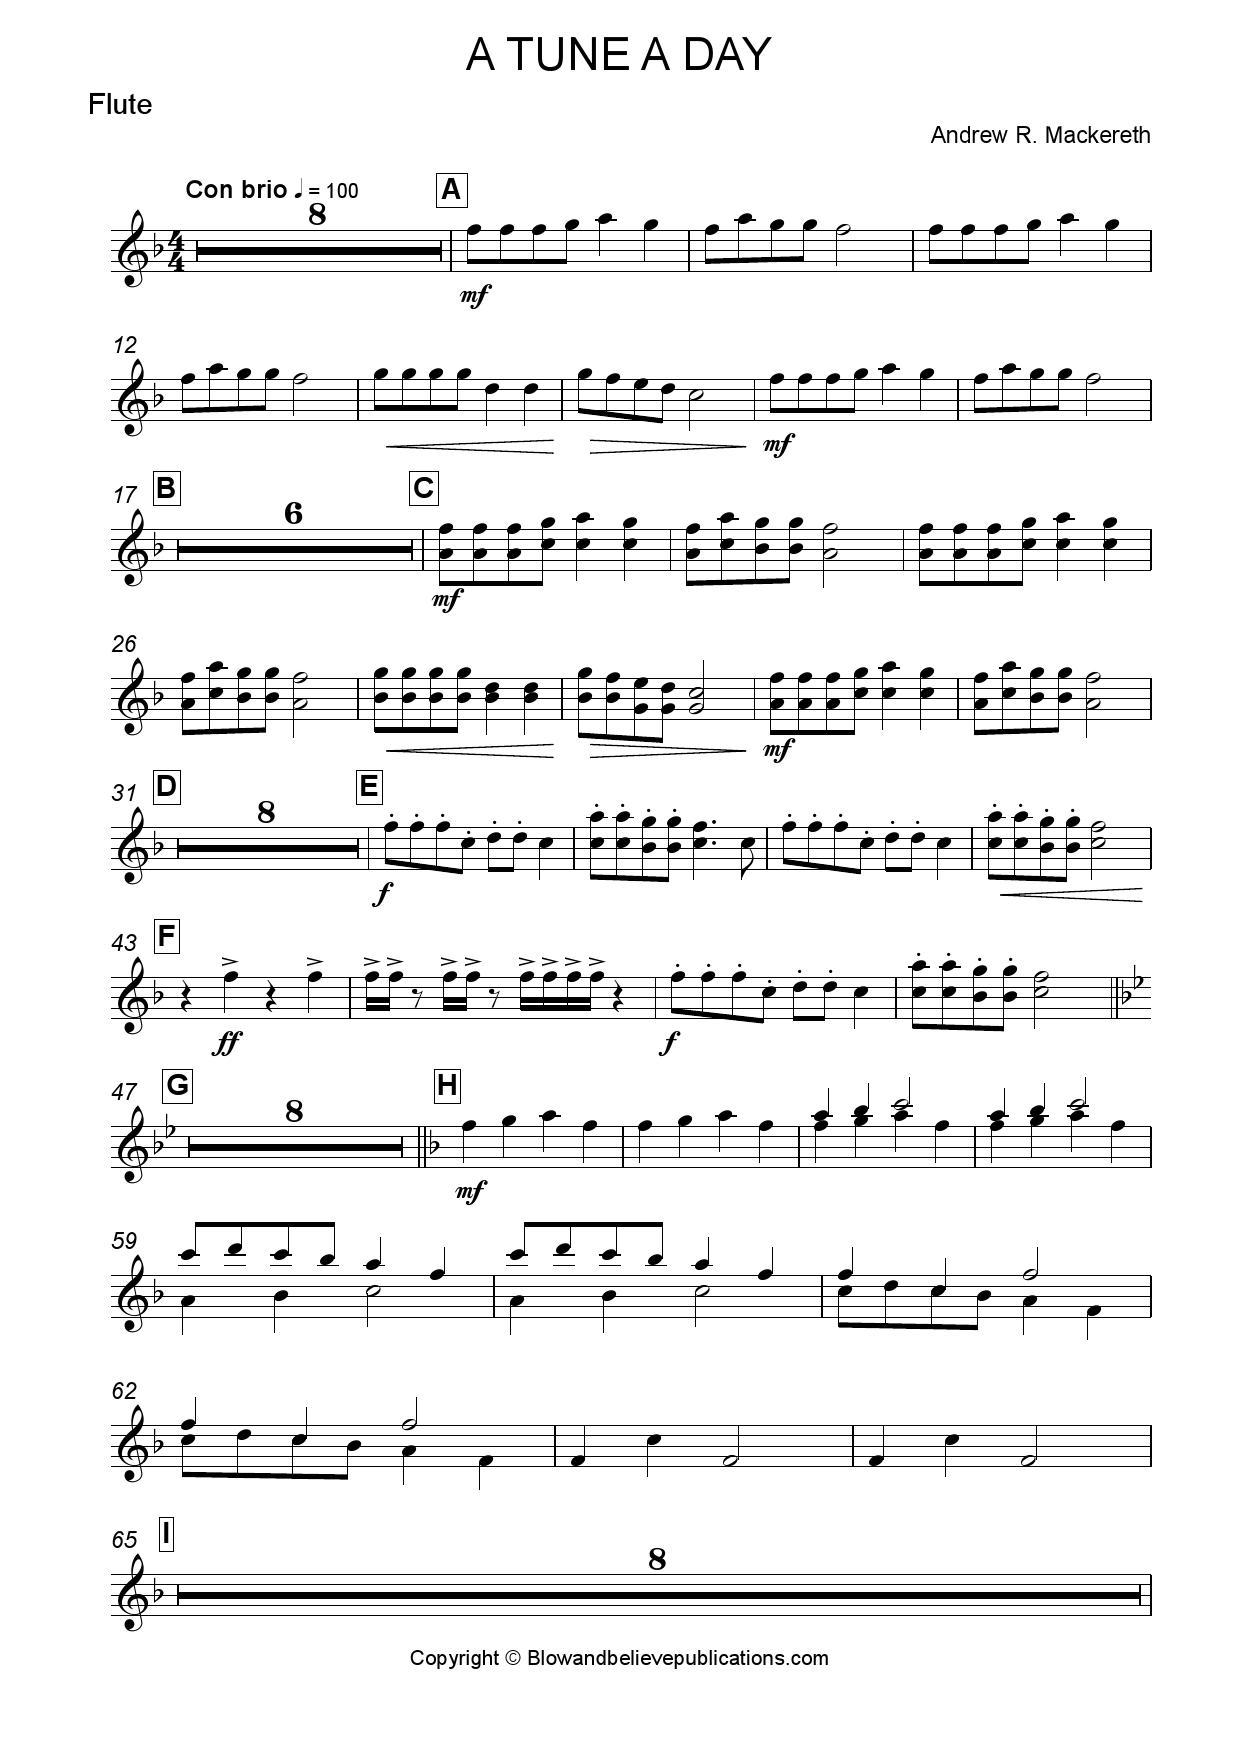 A TUNE A DAY_ADV Flute_000001